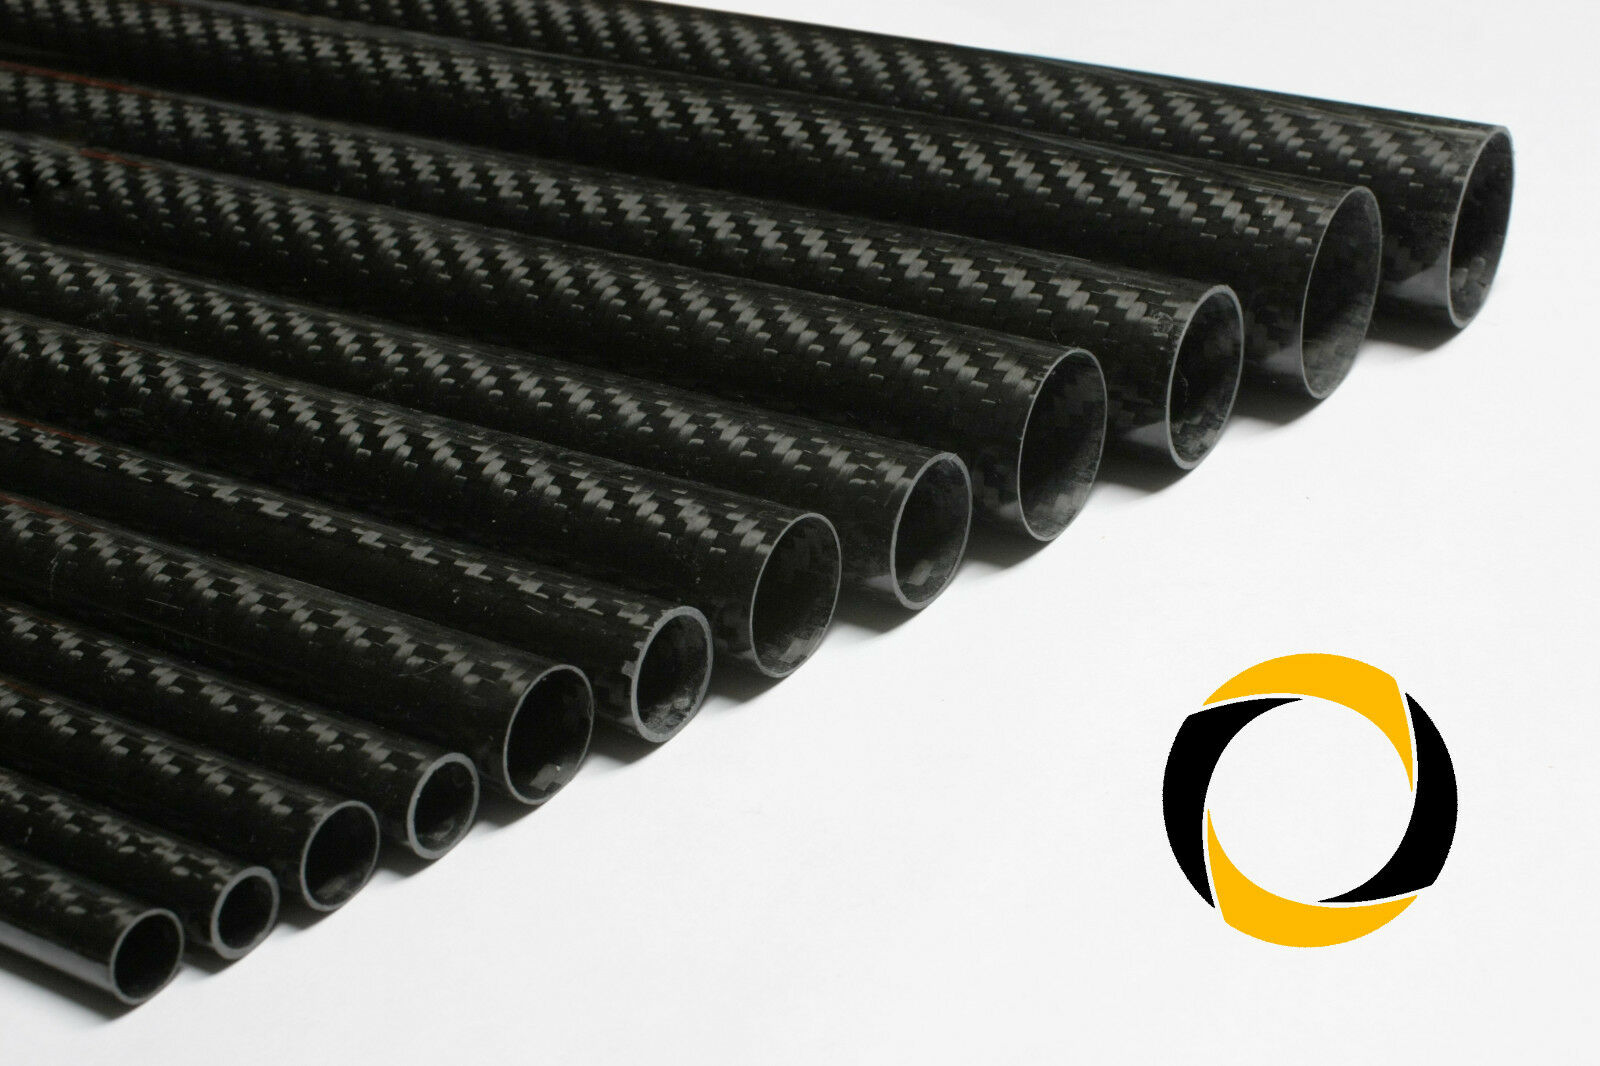 CFK-tubo Business ø10-30mm Carbon lucido 220g/m² 3k Köper CNC Fibra Carbone